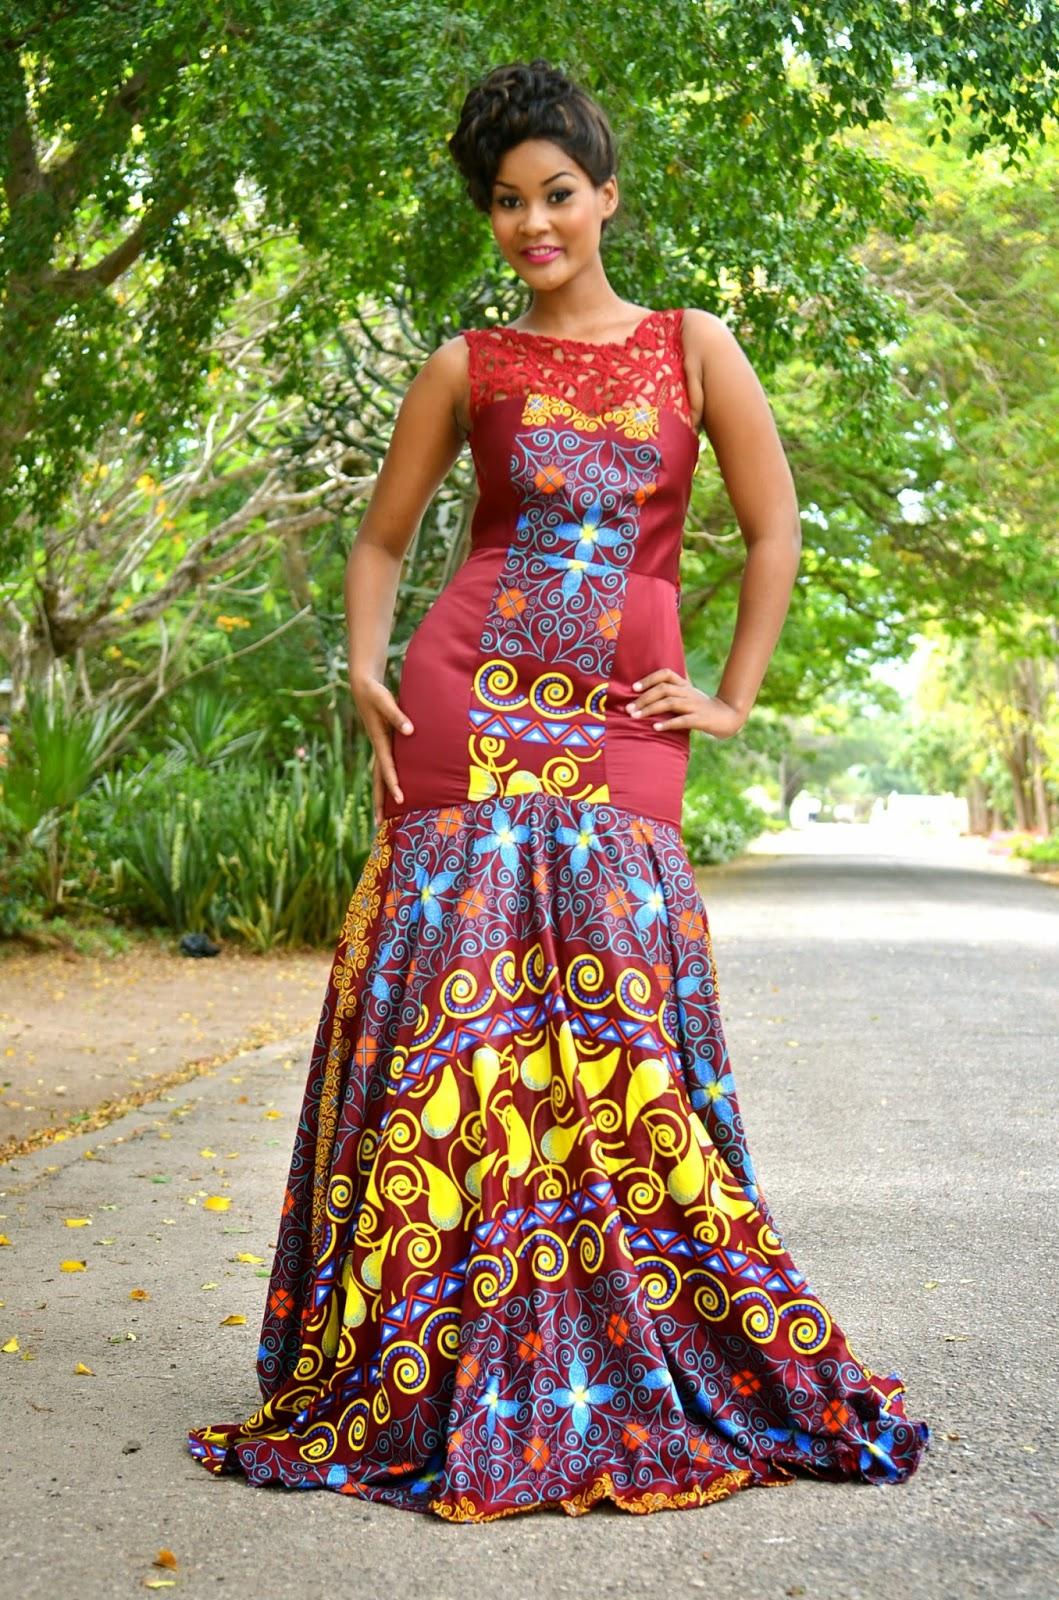 Formal dresses to wear to a wedding  Erla Cadet erlacadet on Pinterest